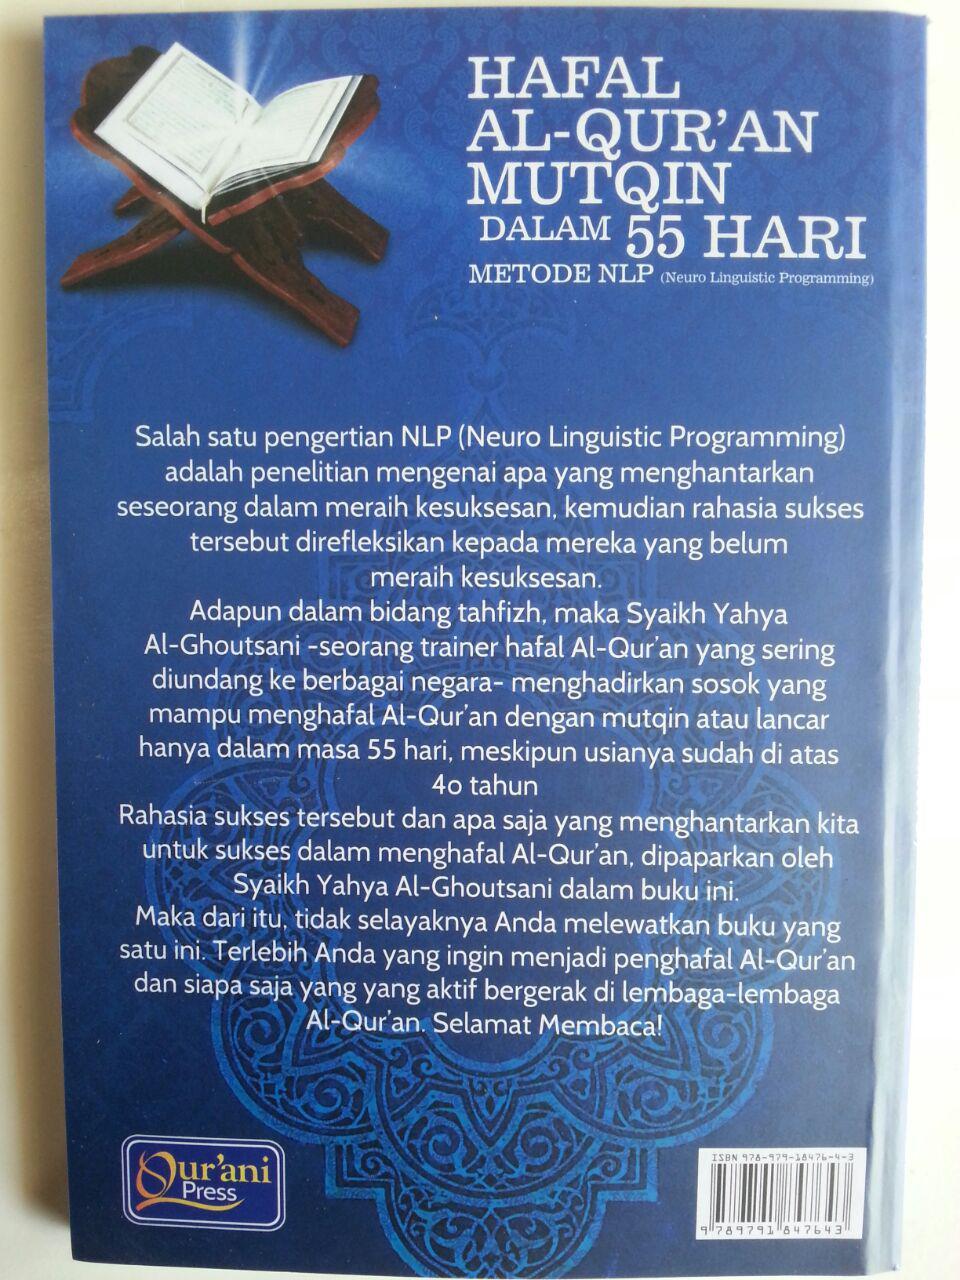 Buku Hafal Al-Qur'an Mutqin Dalam 55 Hari Metode LNP cover